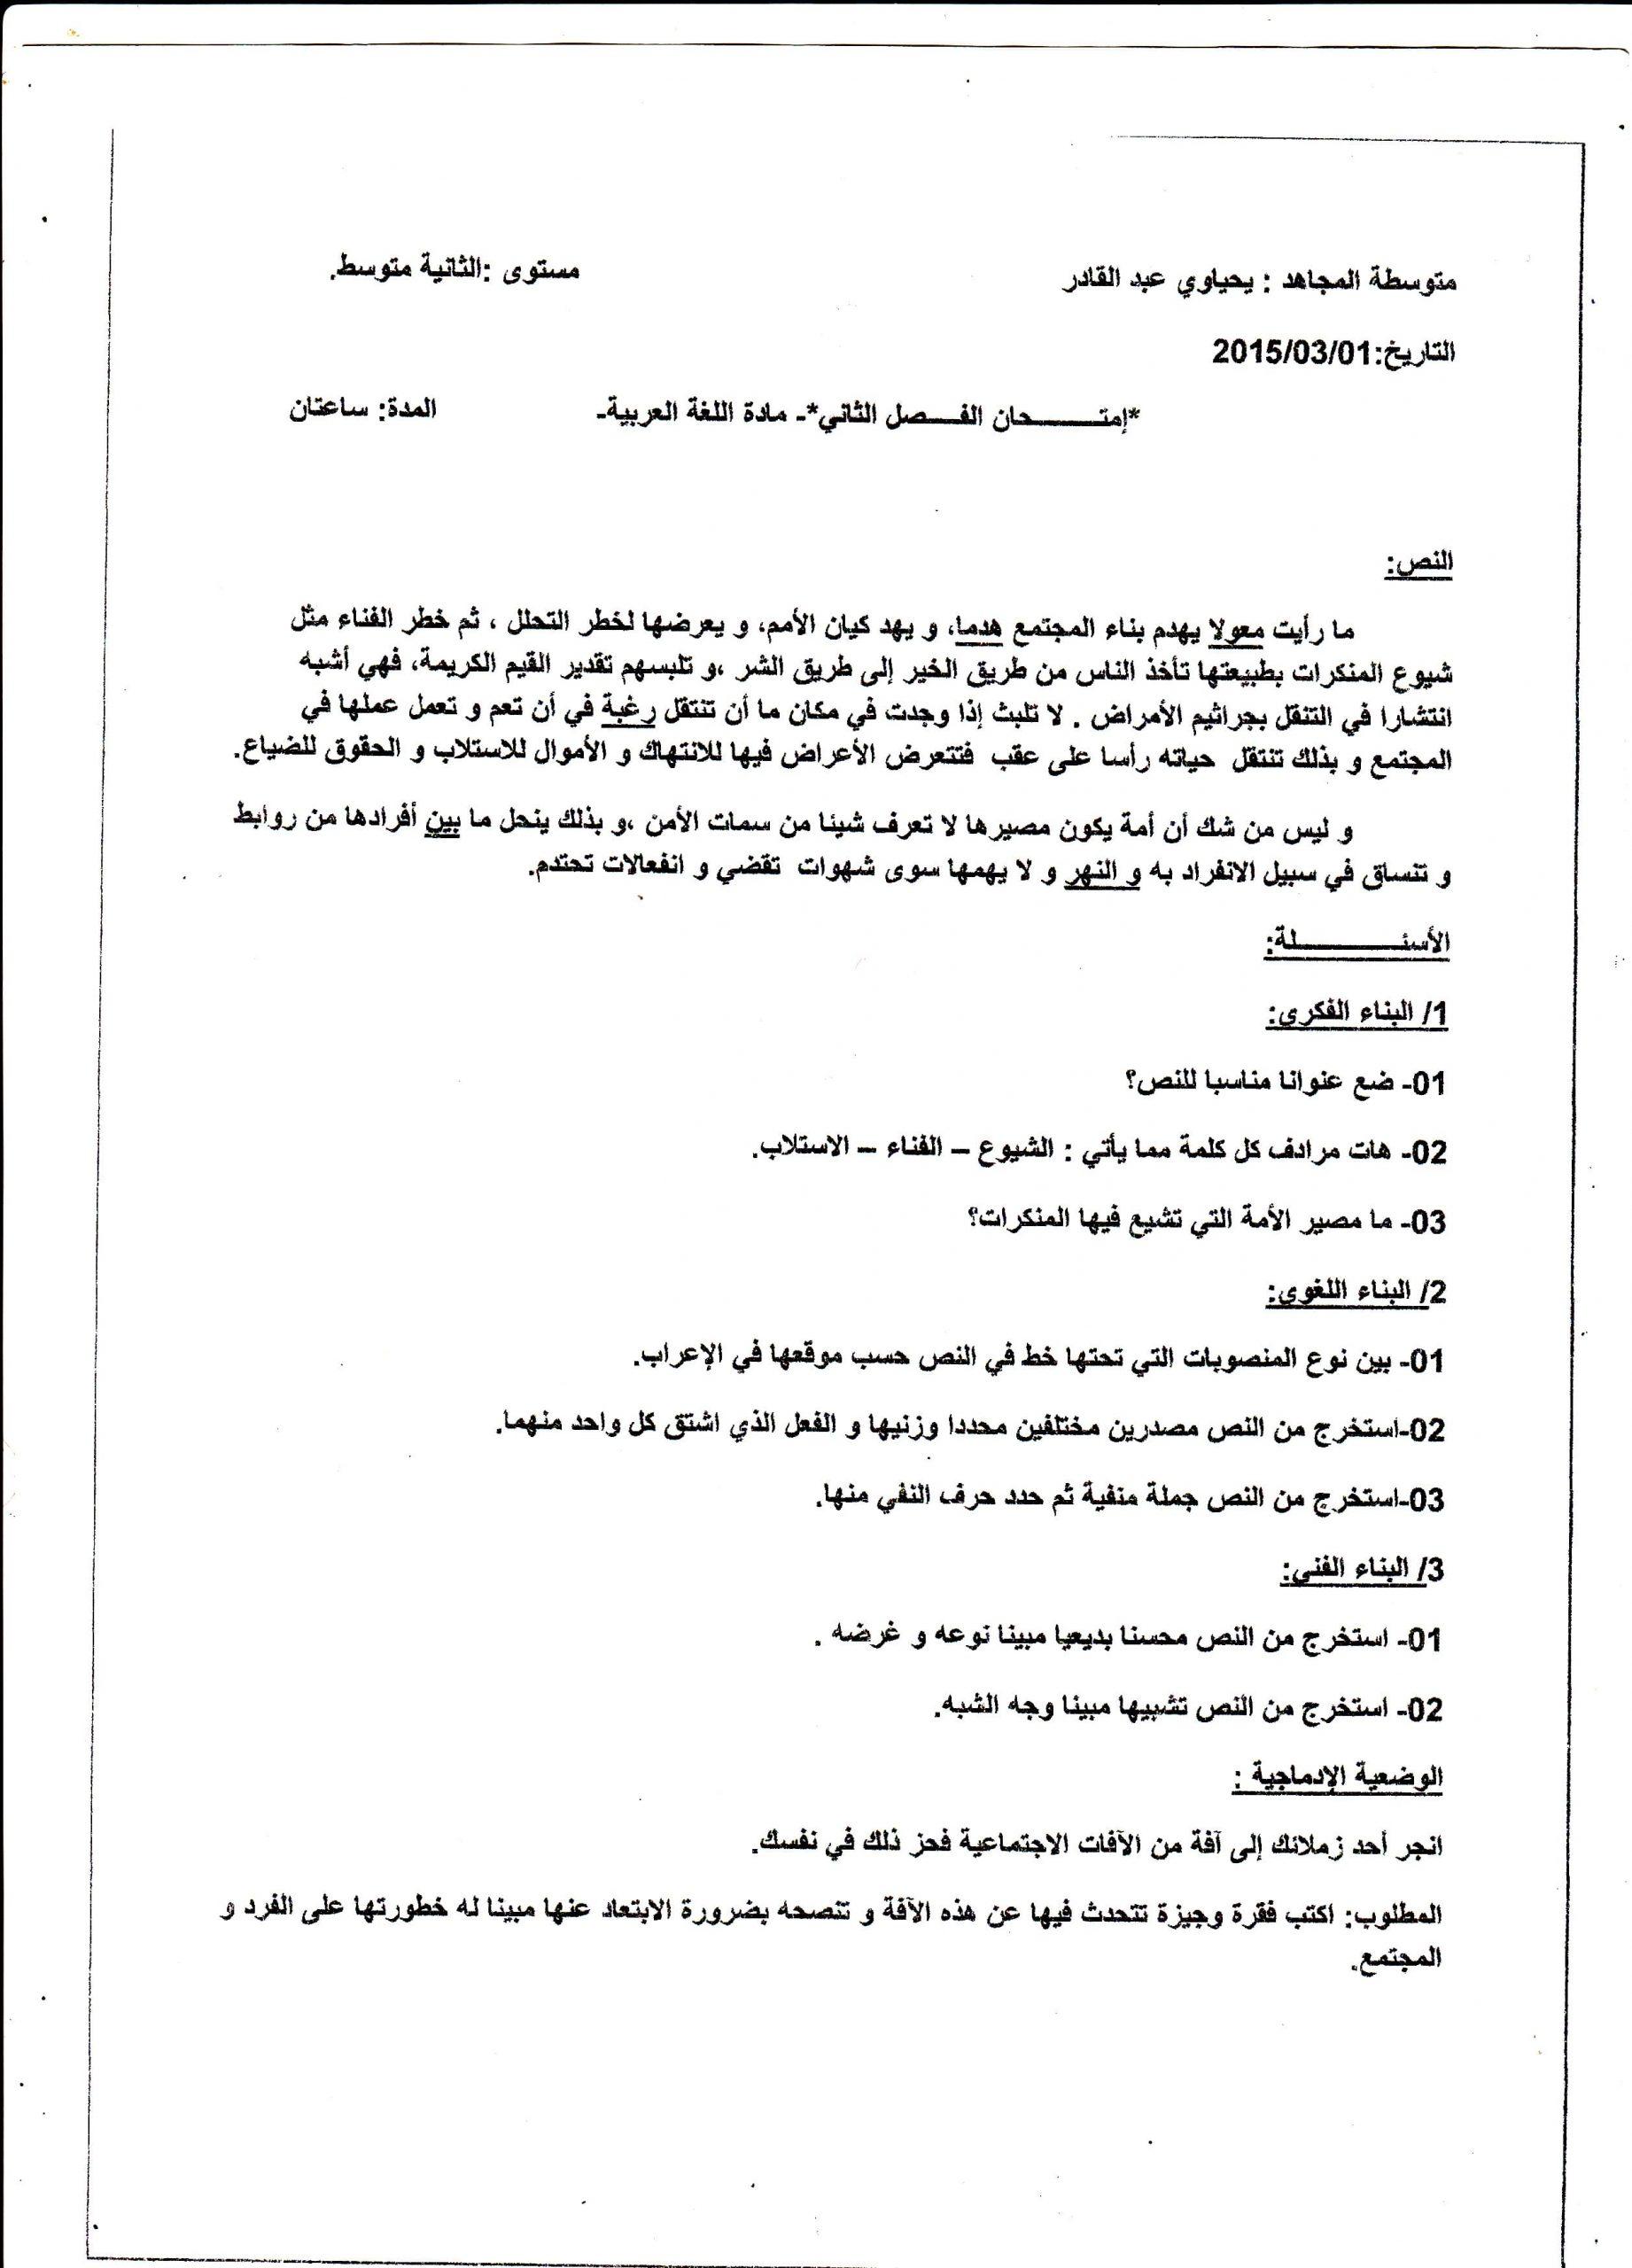 اختبار الفصل الثاني في اللغة العربية للسنة الثانية متوسط - الموضوع 05